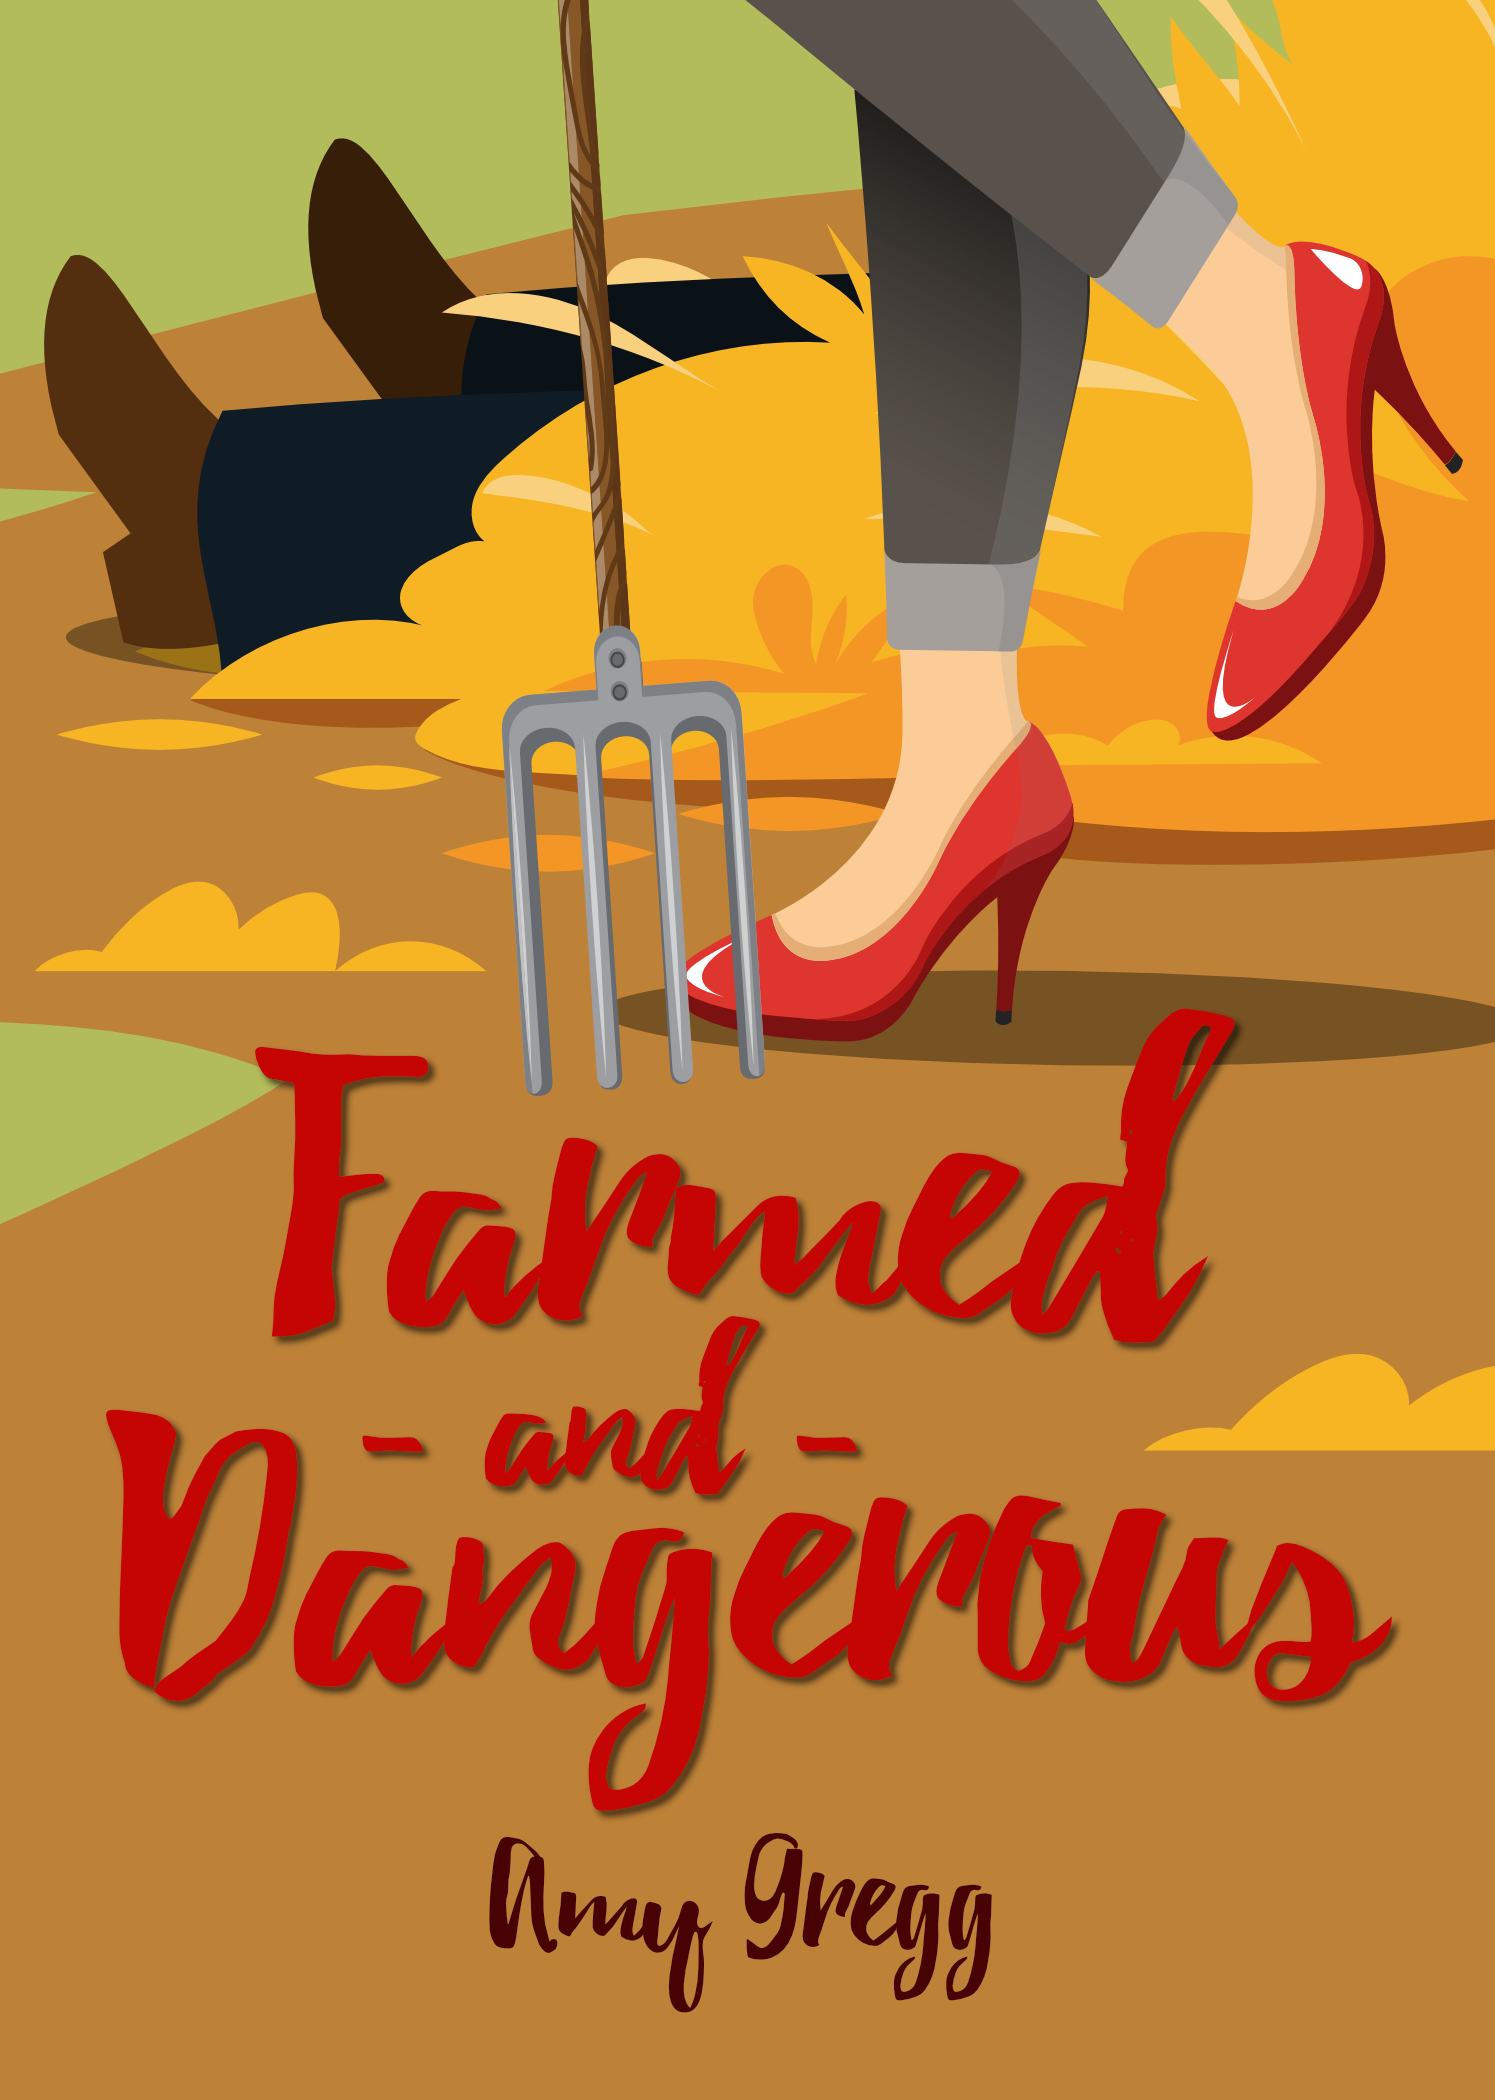 Farmed & Dangerous